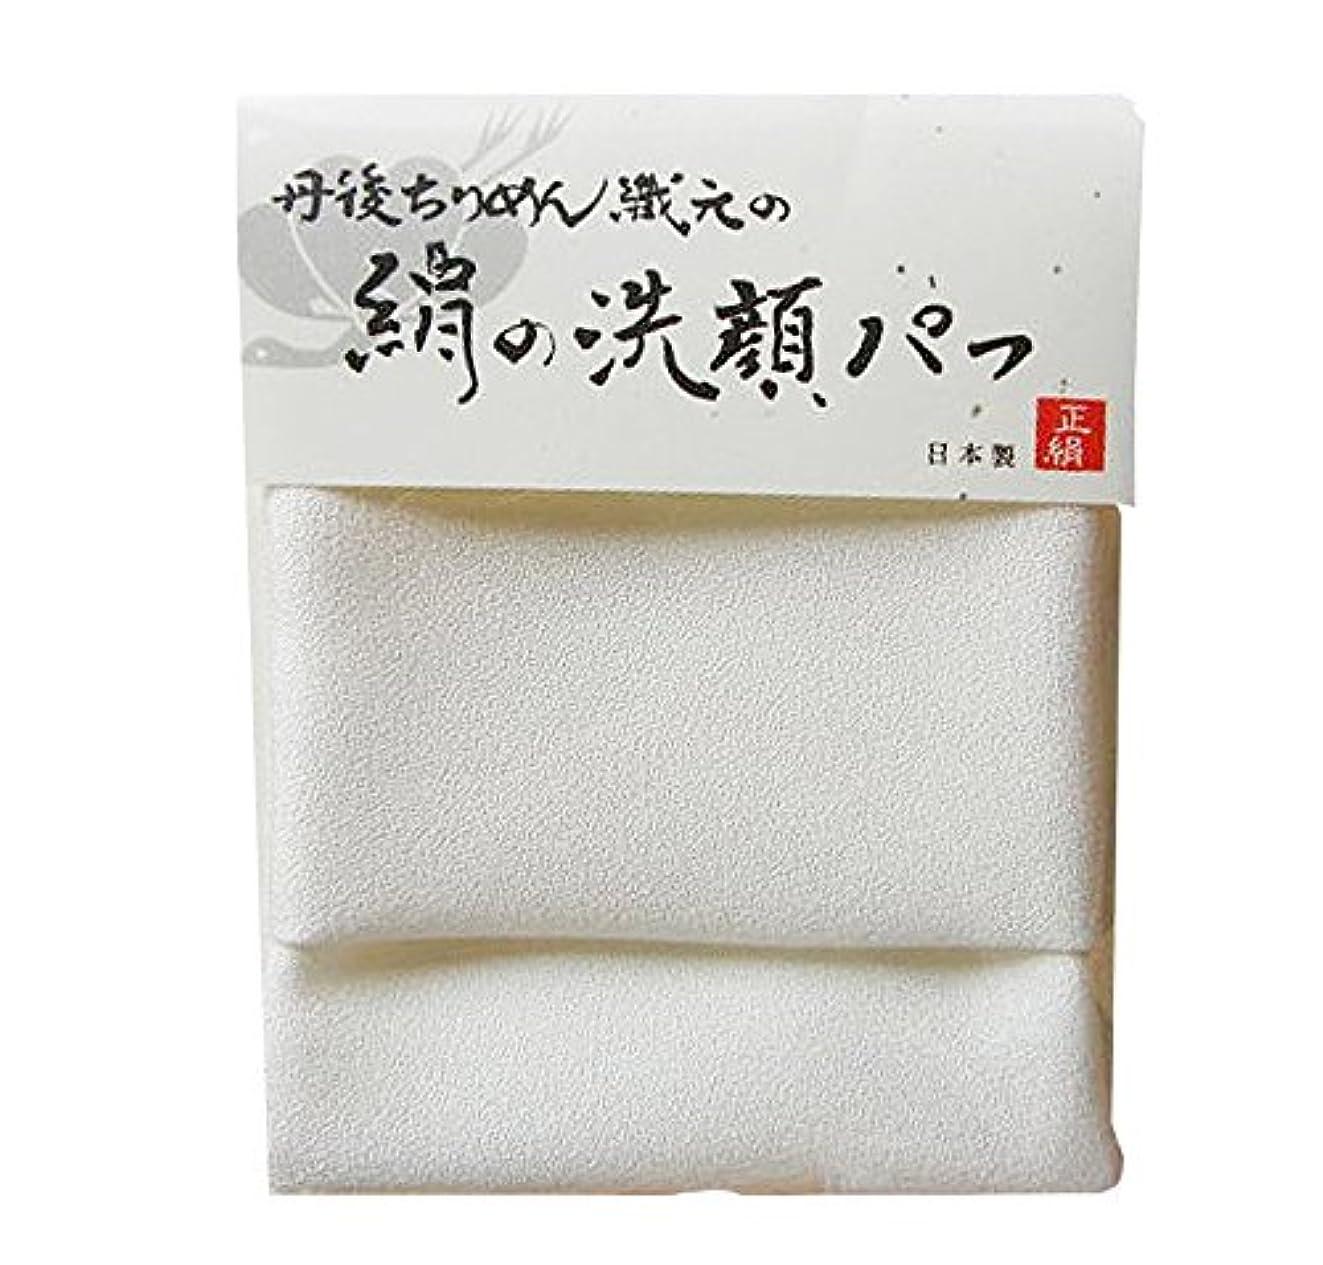 意味冒険家少なくとも【NHKイッピンで紹介!】丹後ちりめん織元の絹の洗顔パフ